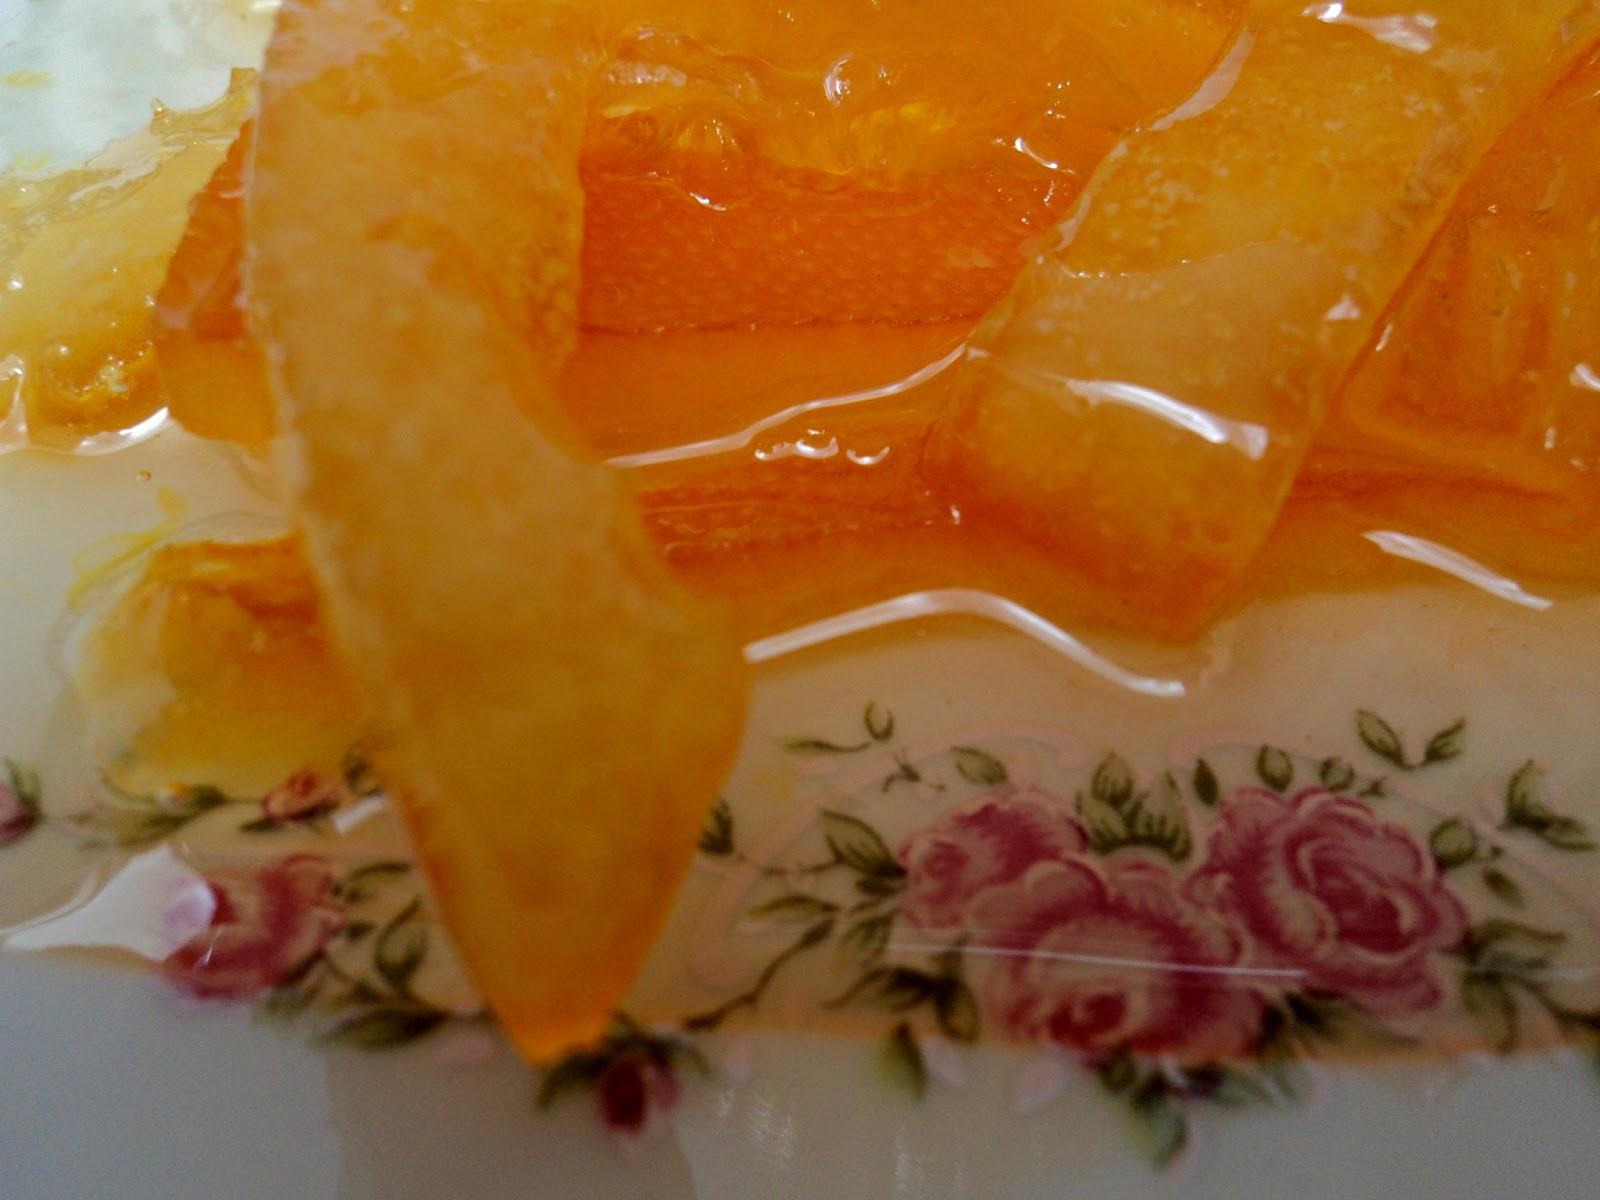 Piel De Naranja Confitada Olor A Hierbabuena